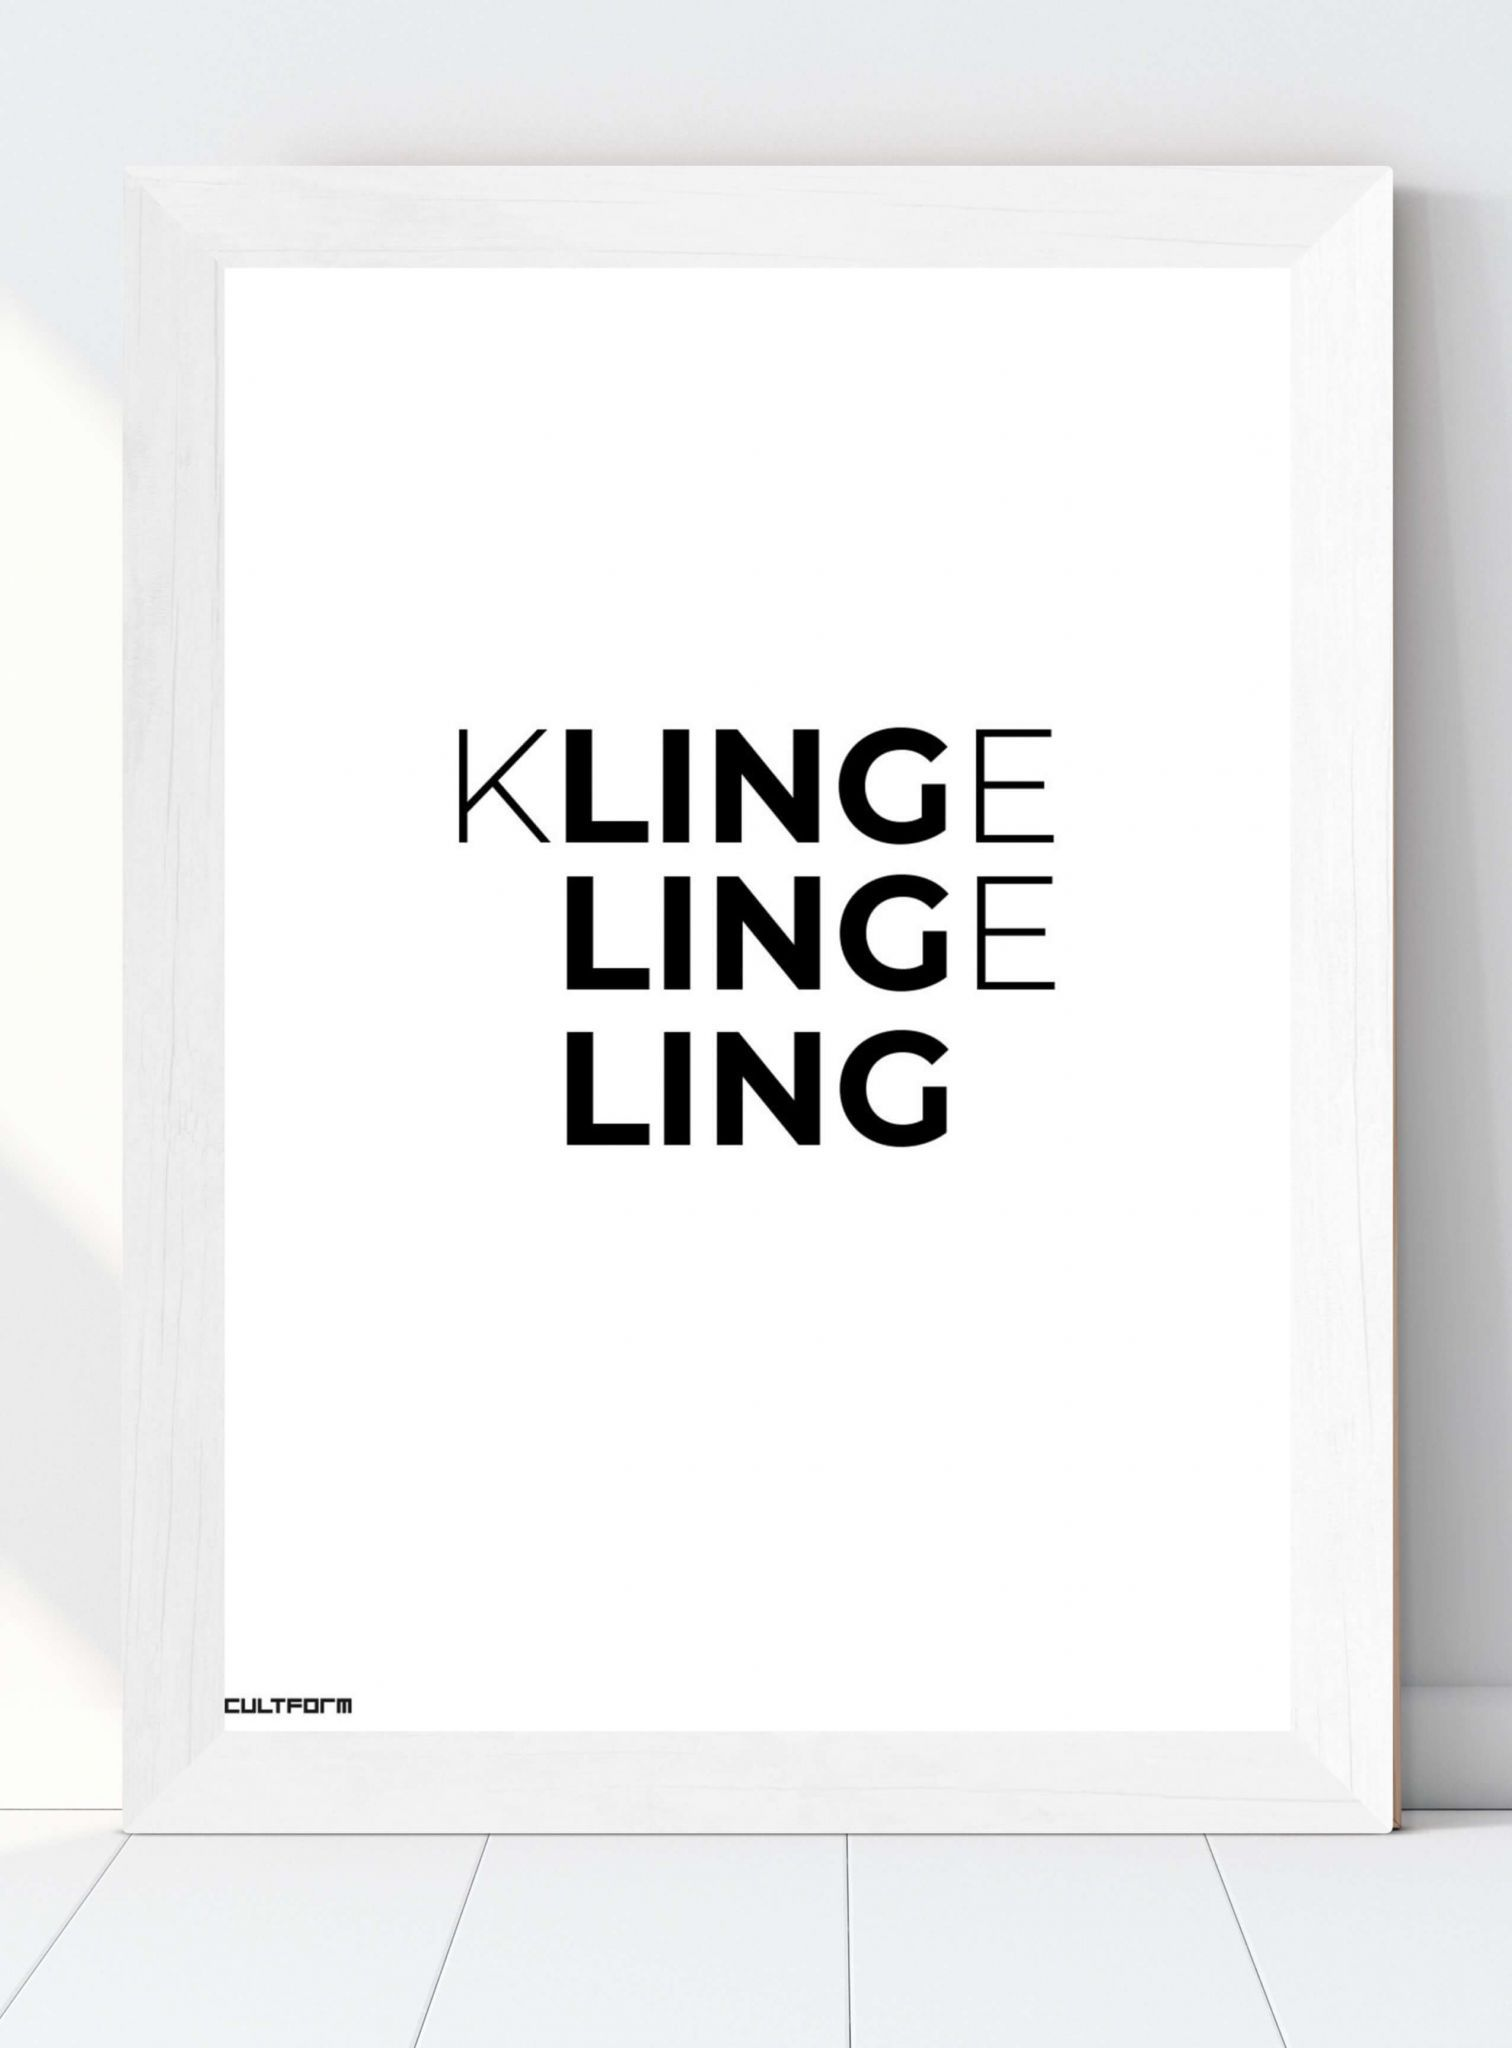 Weihnachtsgrafik Typo Klingeling Download zeitlos. in. form. CULTFORM